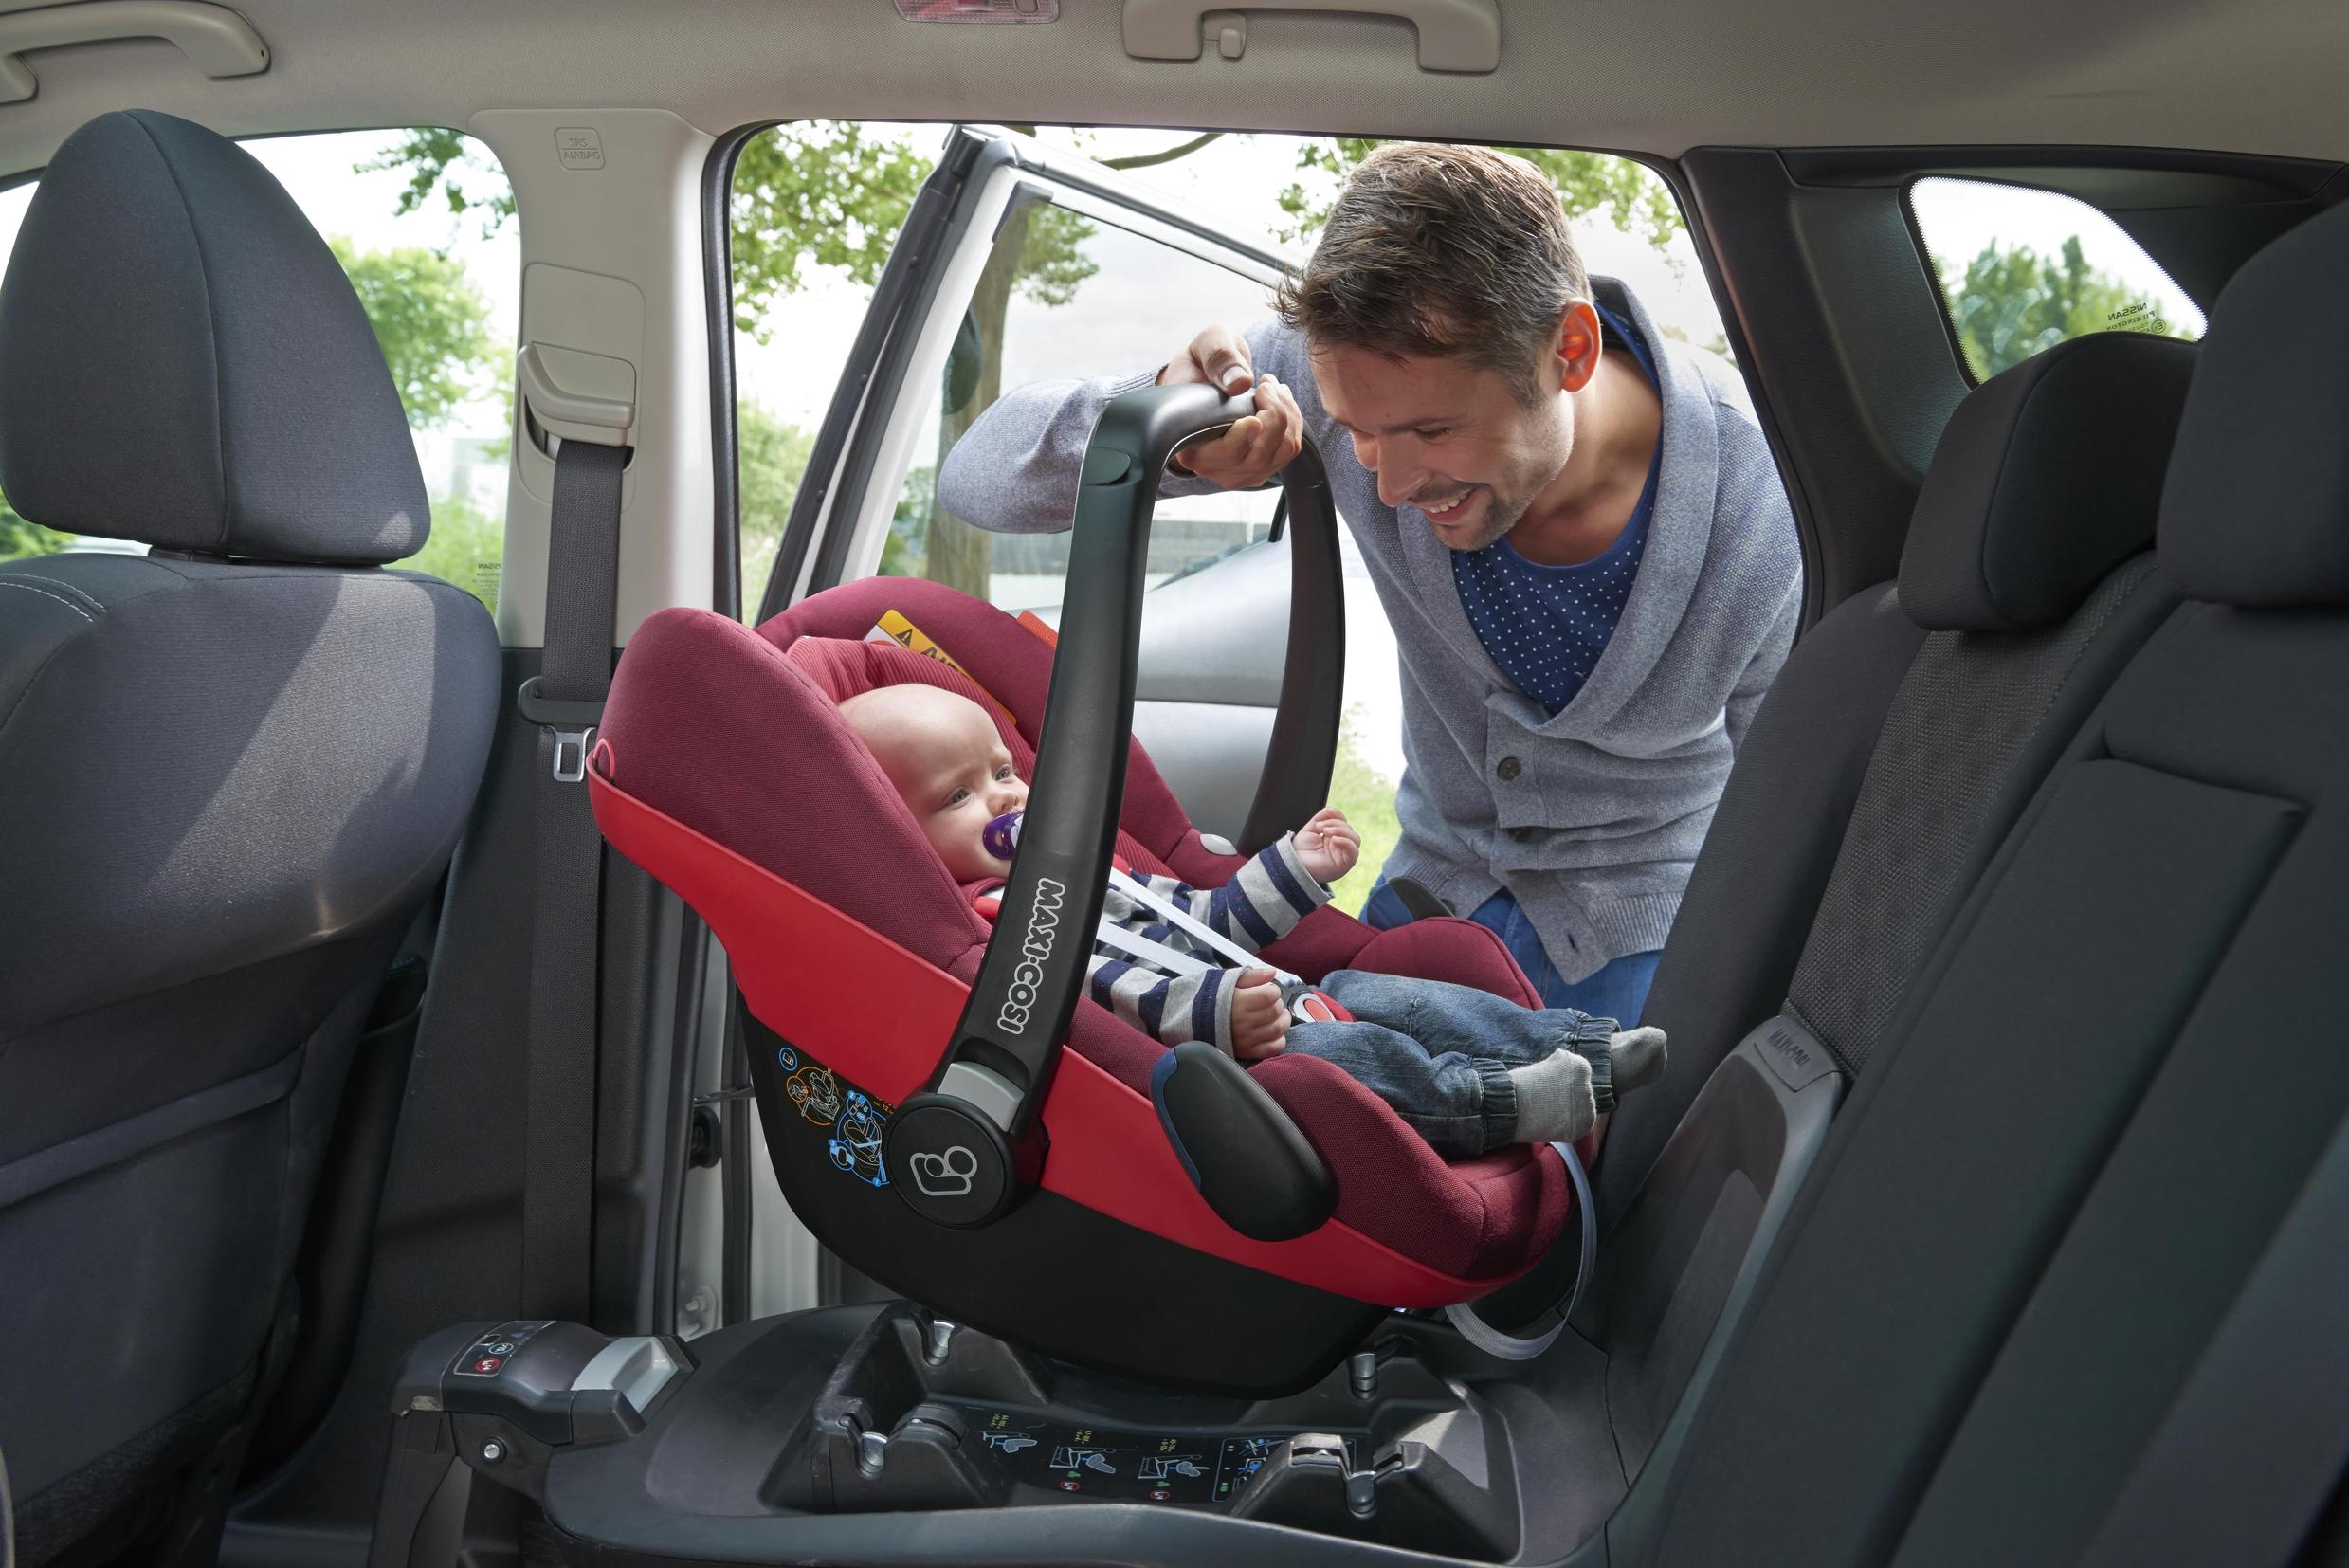 achterwaarts vervoeren verplicht-GoodGirlsCompany-baby achterwaarts vervoeren